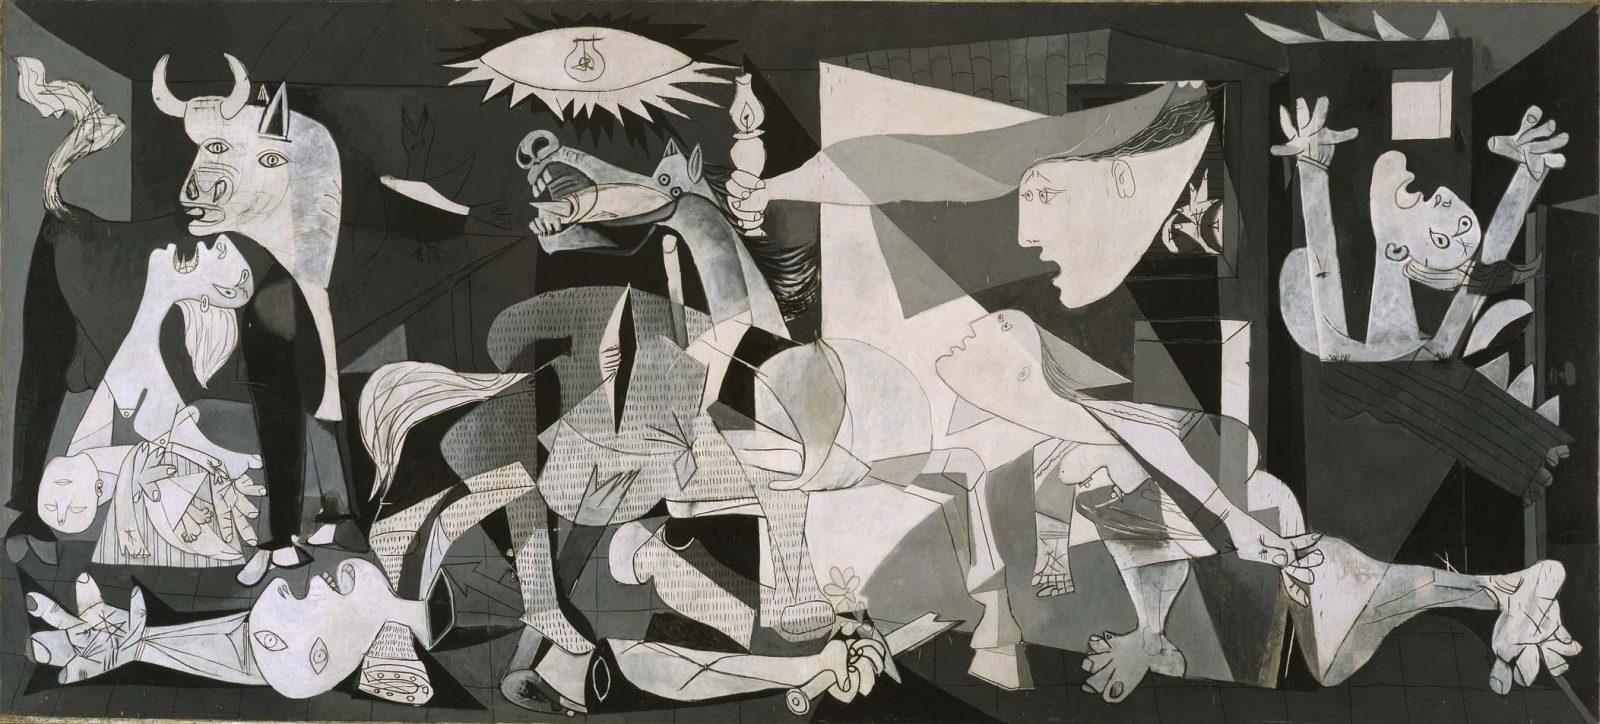 Guernica, cuadro de Pablo Picasso adquirido por el Estado Español en 1937 y conservado actualmente en el Museo Reina Sofía de Madrid.